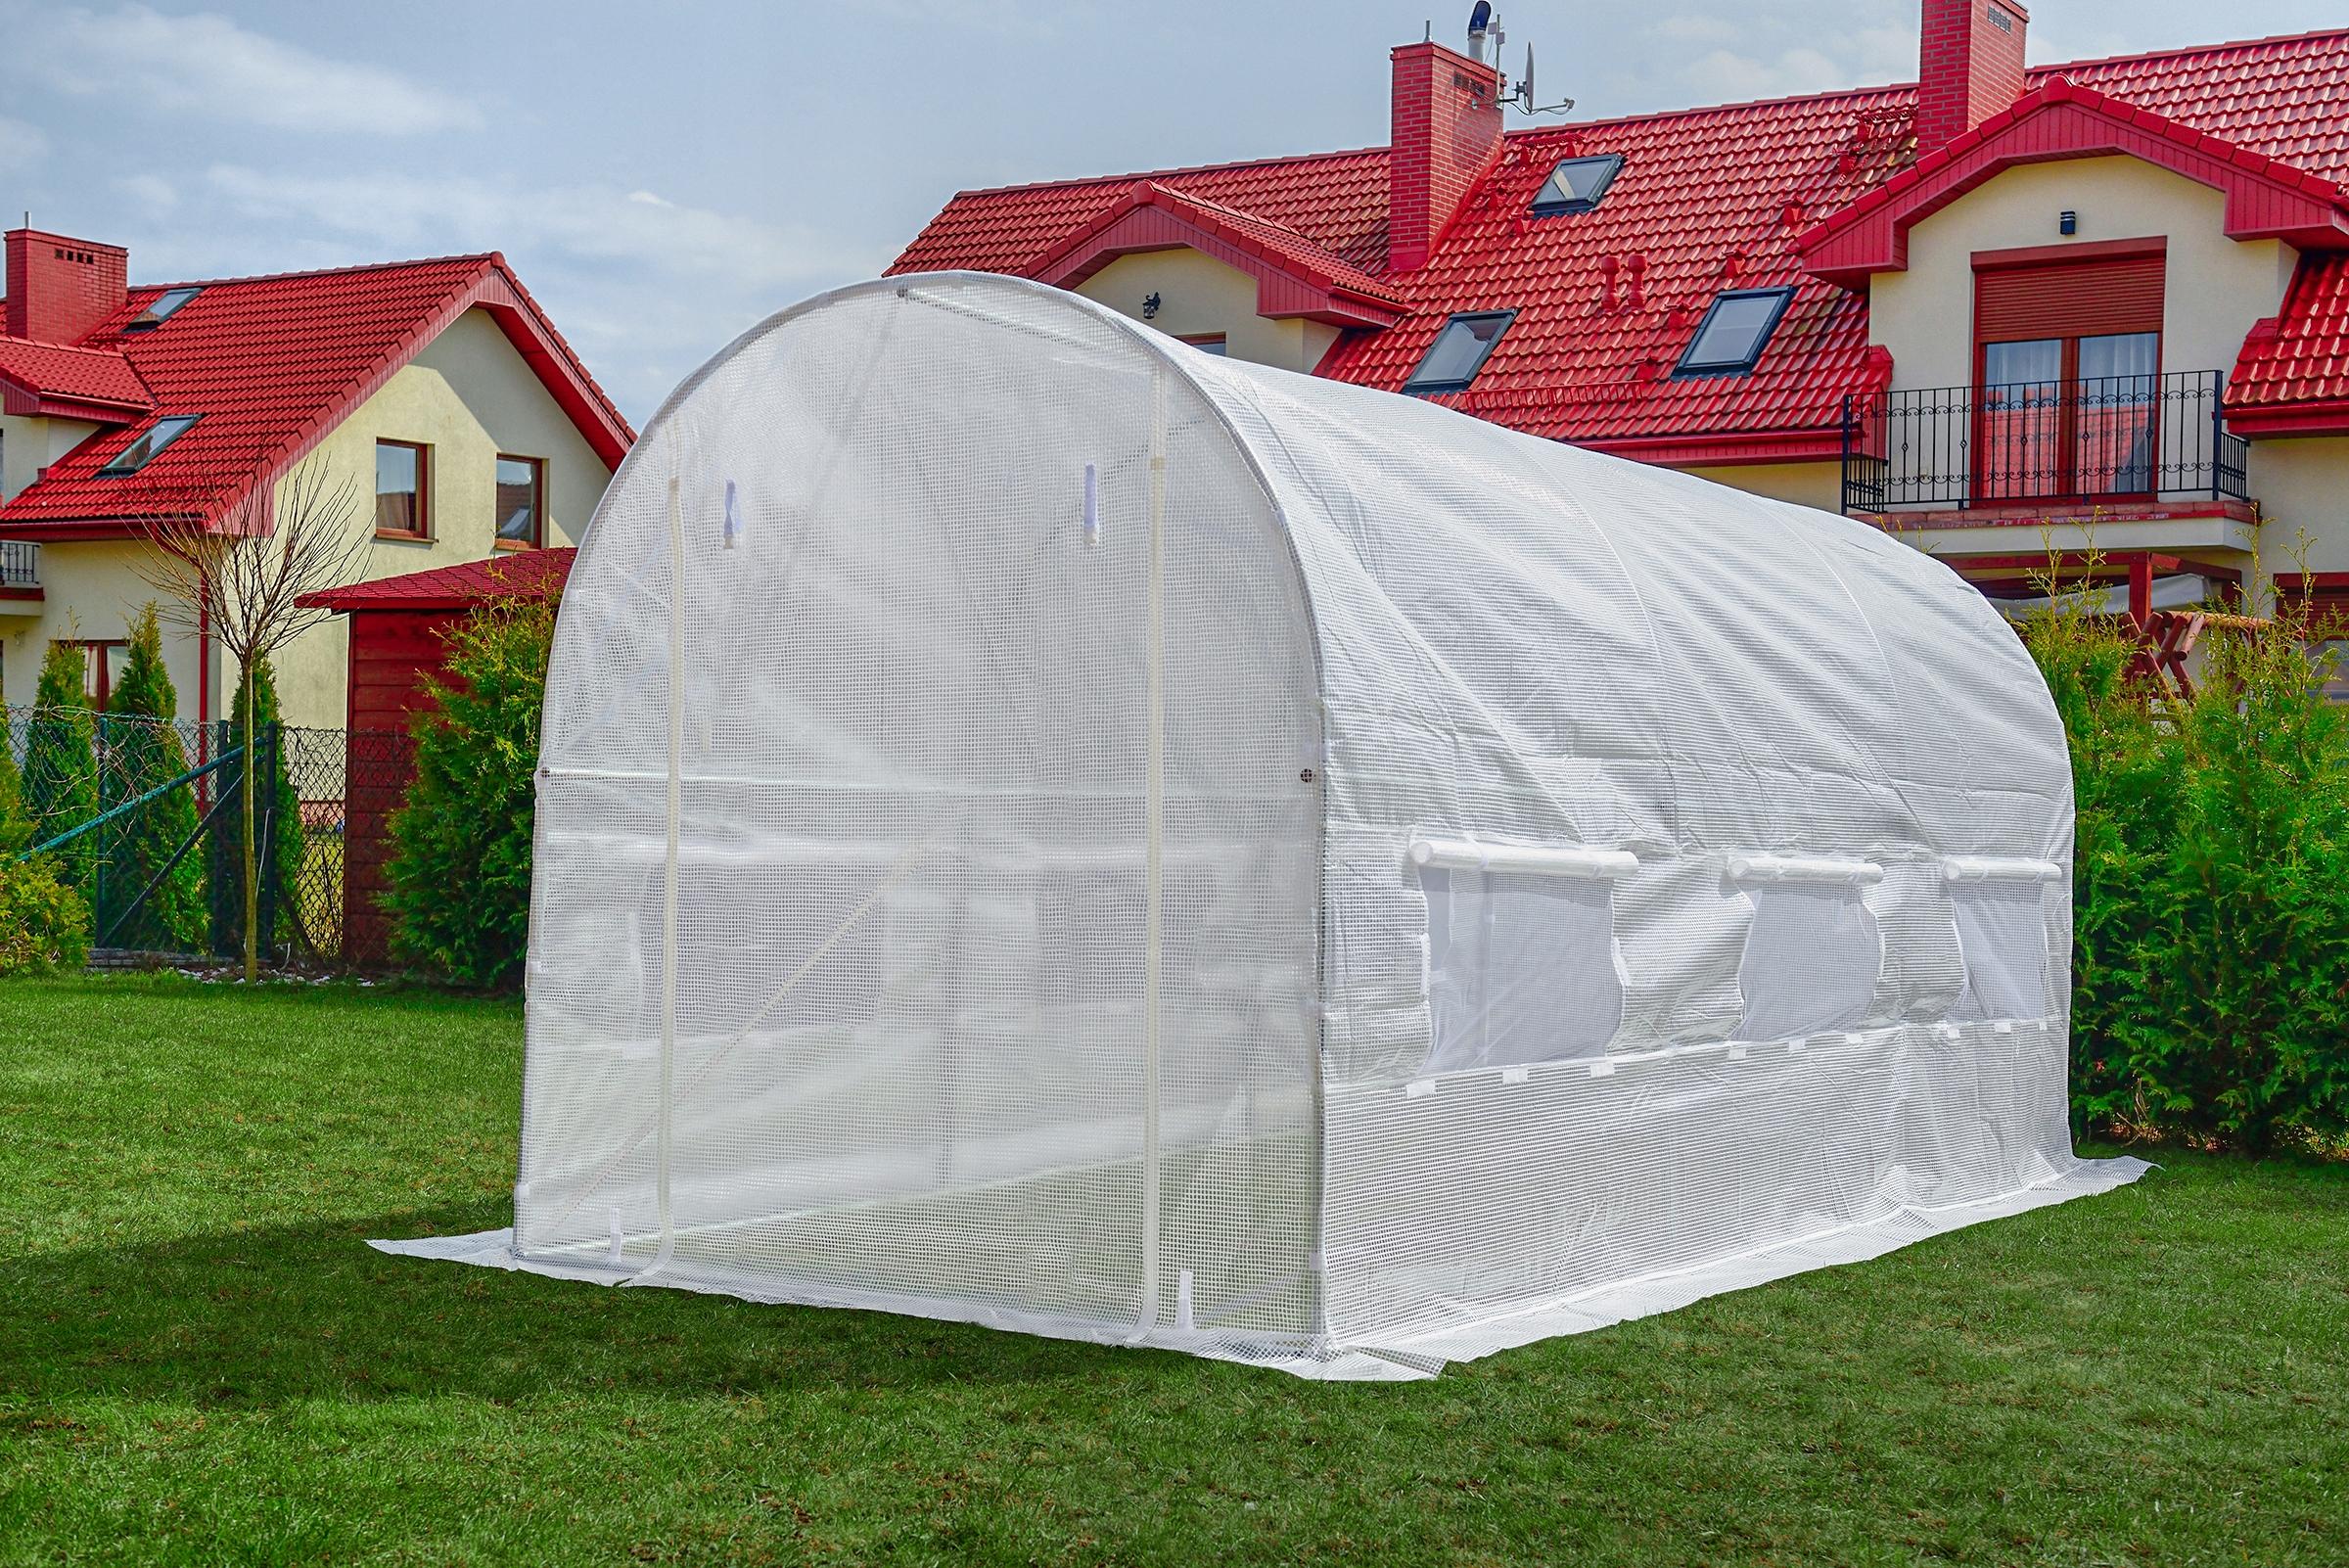 FÓLOVÝ TUNEL 6m2 ZÁHRADNÝ SKLENÍK 3x2m UV-4 dĺžka 300 cm